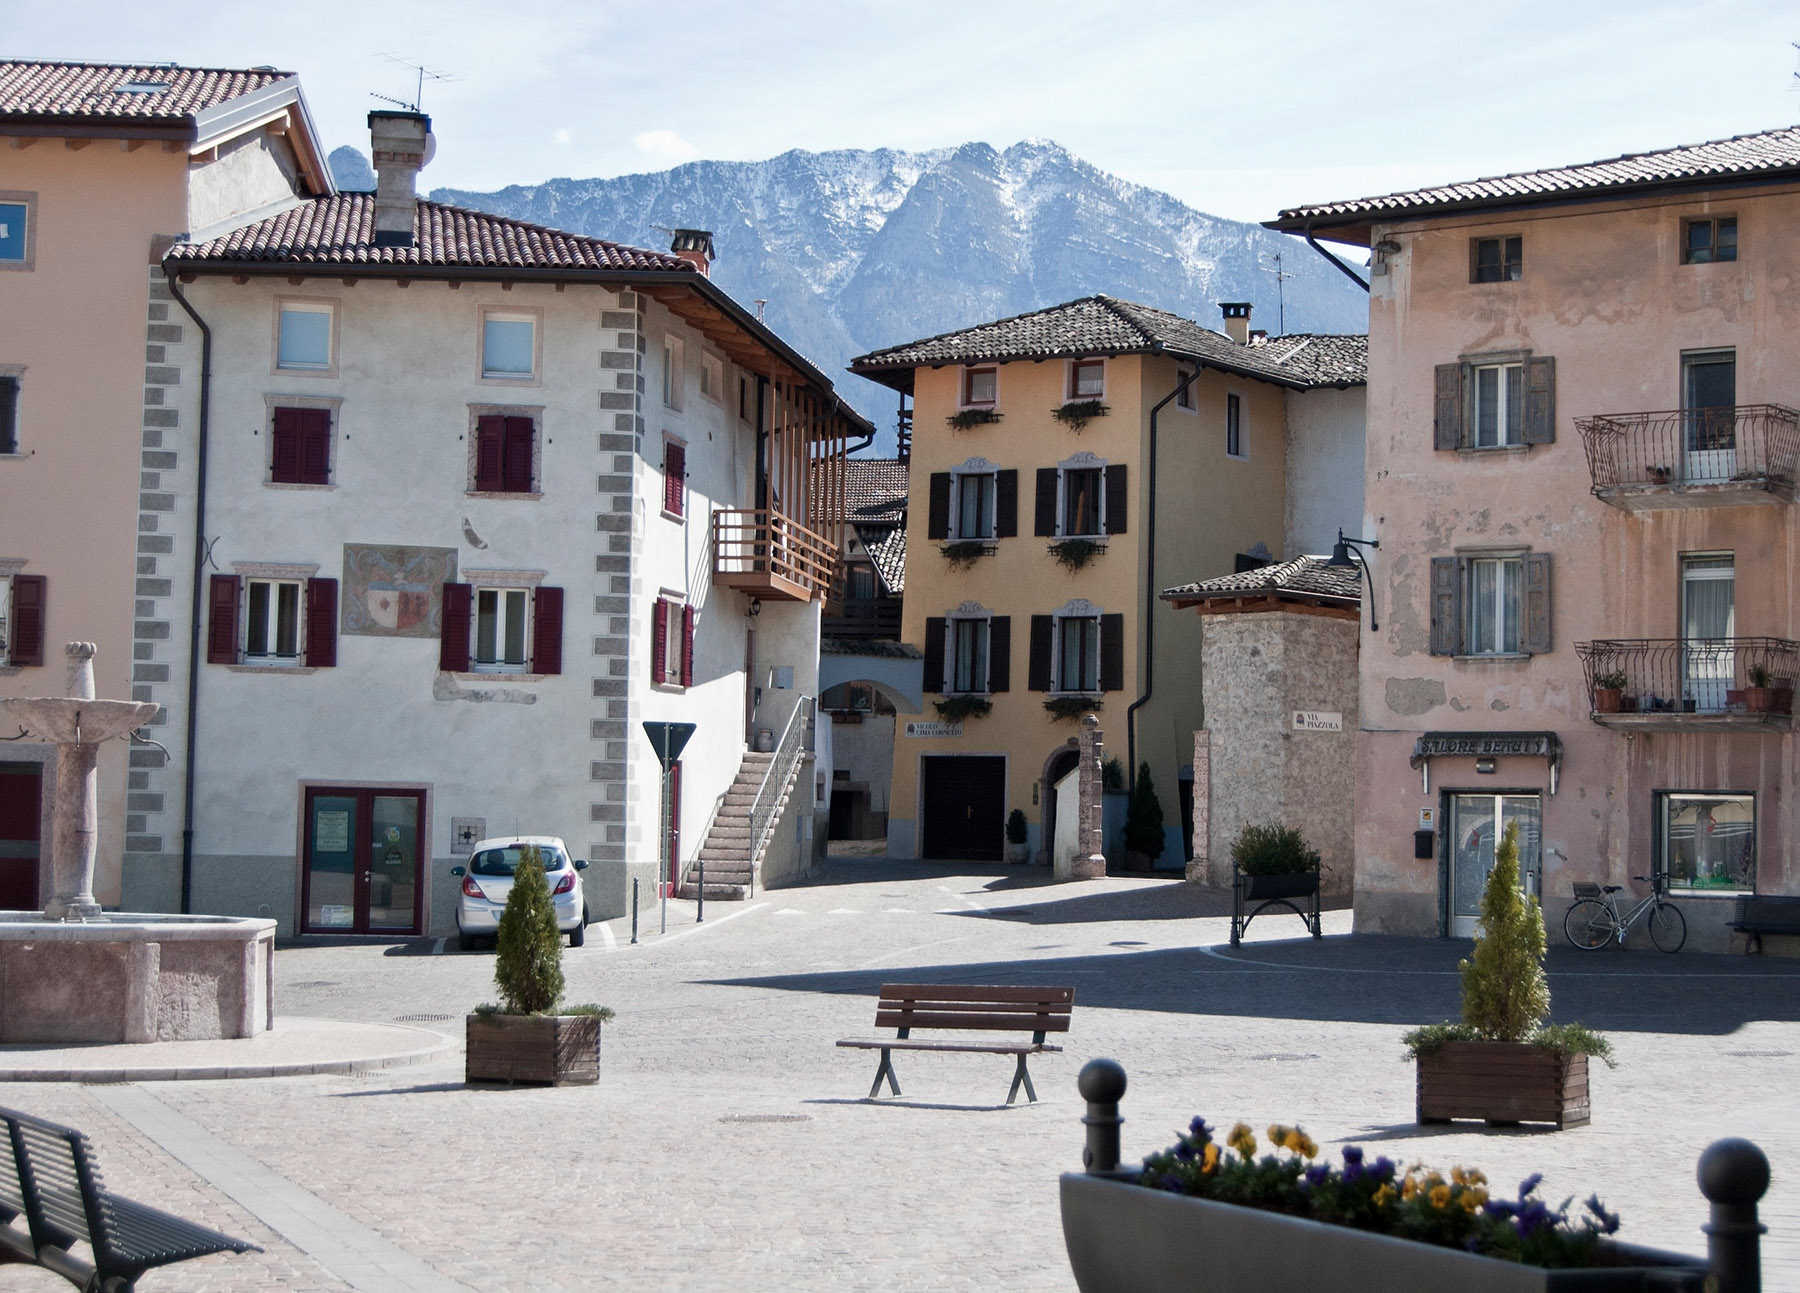 Piazza di Cavedine